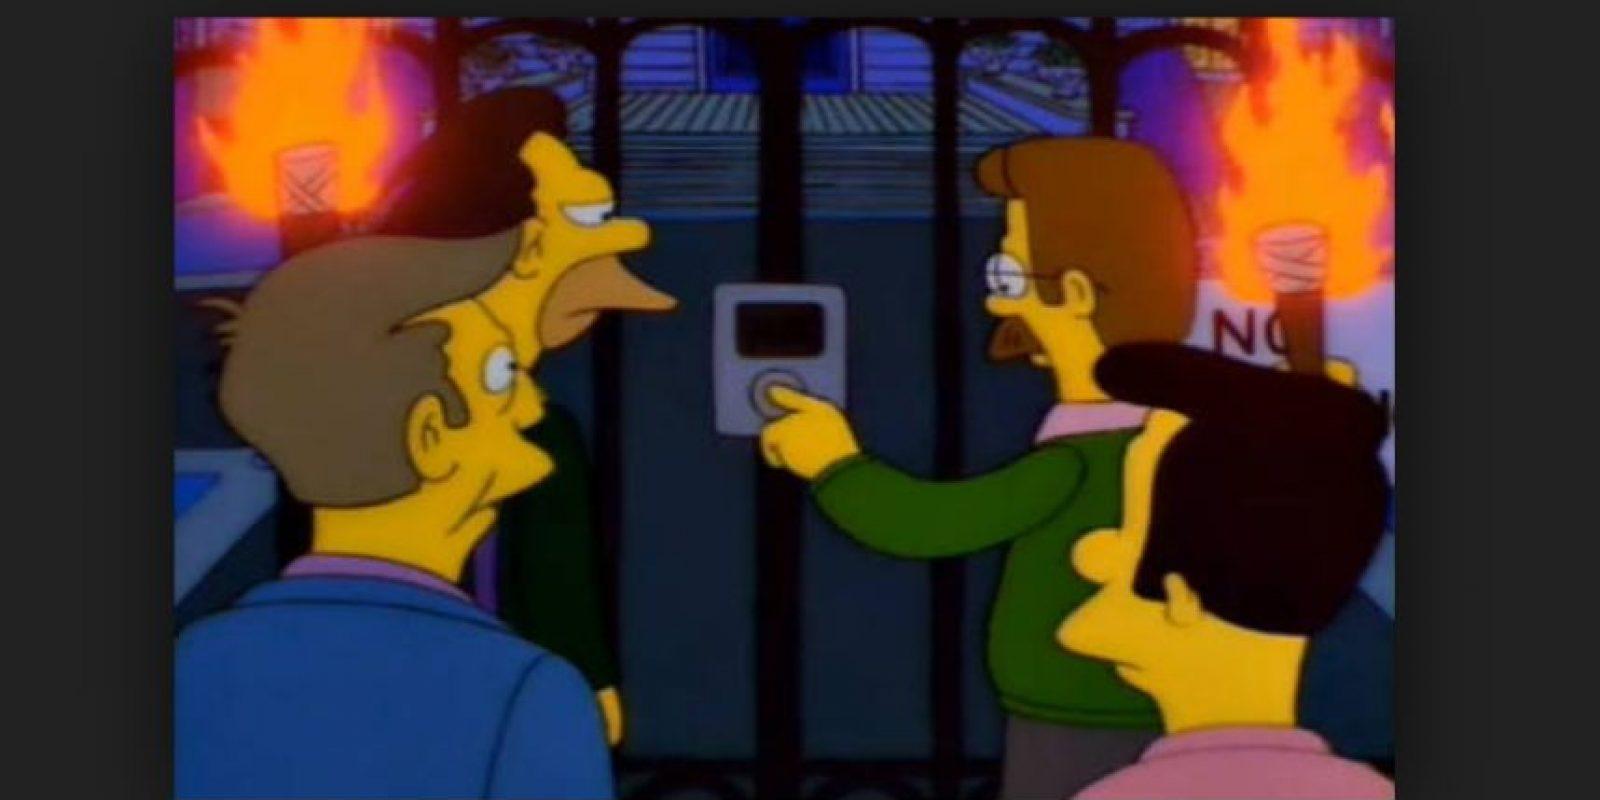 """En 1996, en el episodio """"Bart after dark"""", el intercomunicador de alta tecnología que se encuentra en la mansión del Sr. Burns es igual a los iPod de primera generación. Foto:Fox"""